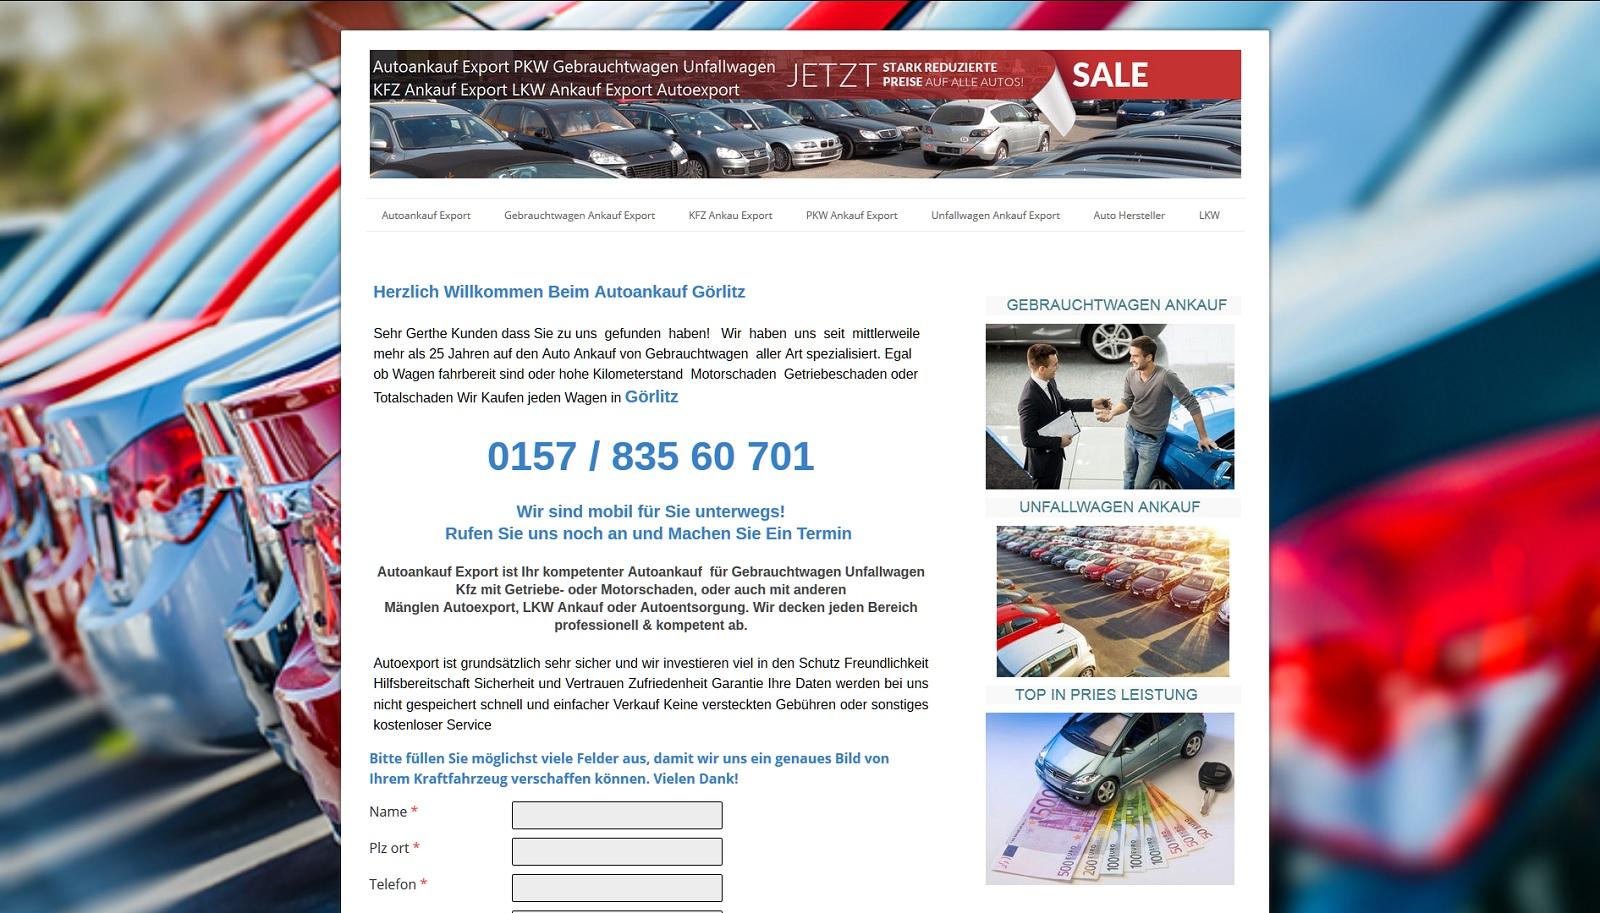 auto-ankauf-export.de - Autoankauf Pinneberg